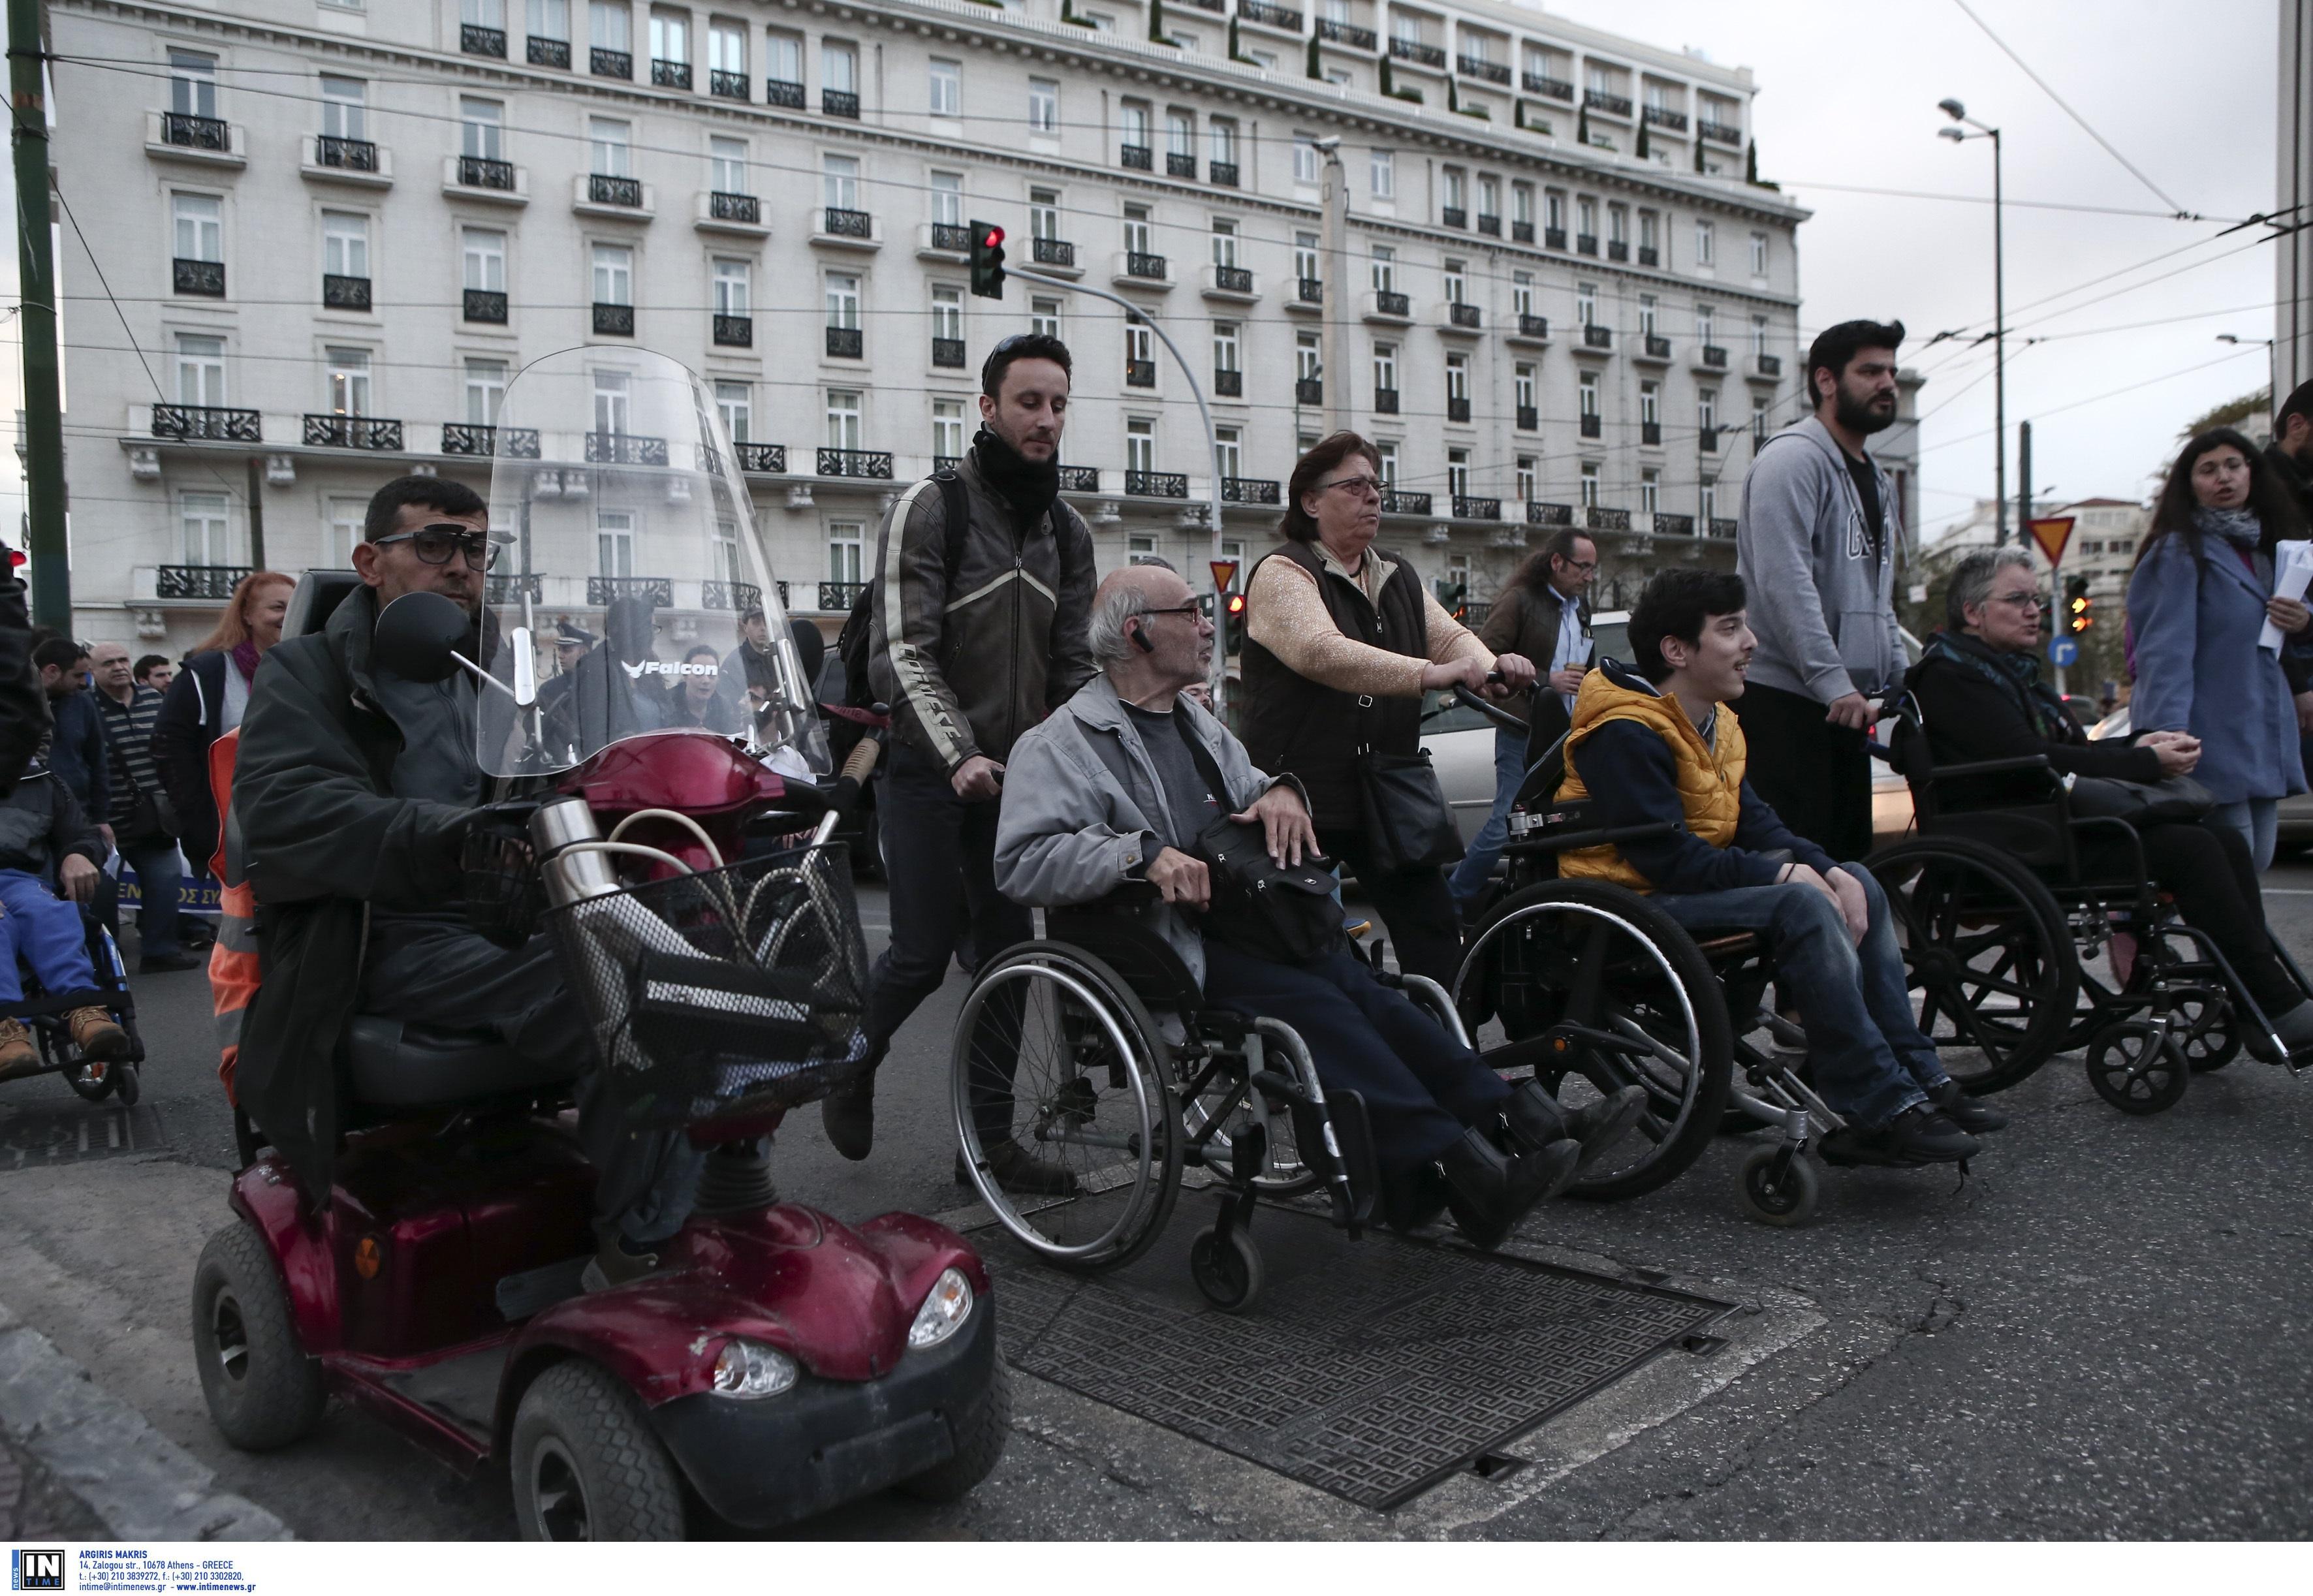 Ποσό 70 εκατ. ευρώ για προνοιακές παροχές σε Άτομα με Αναπηρία